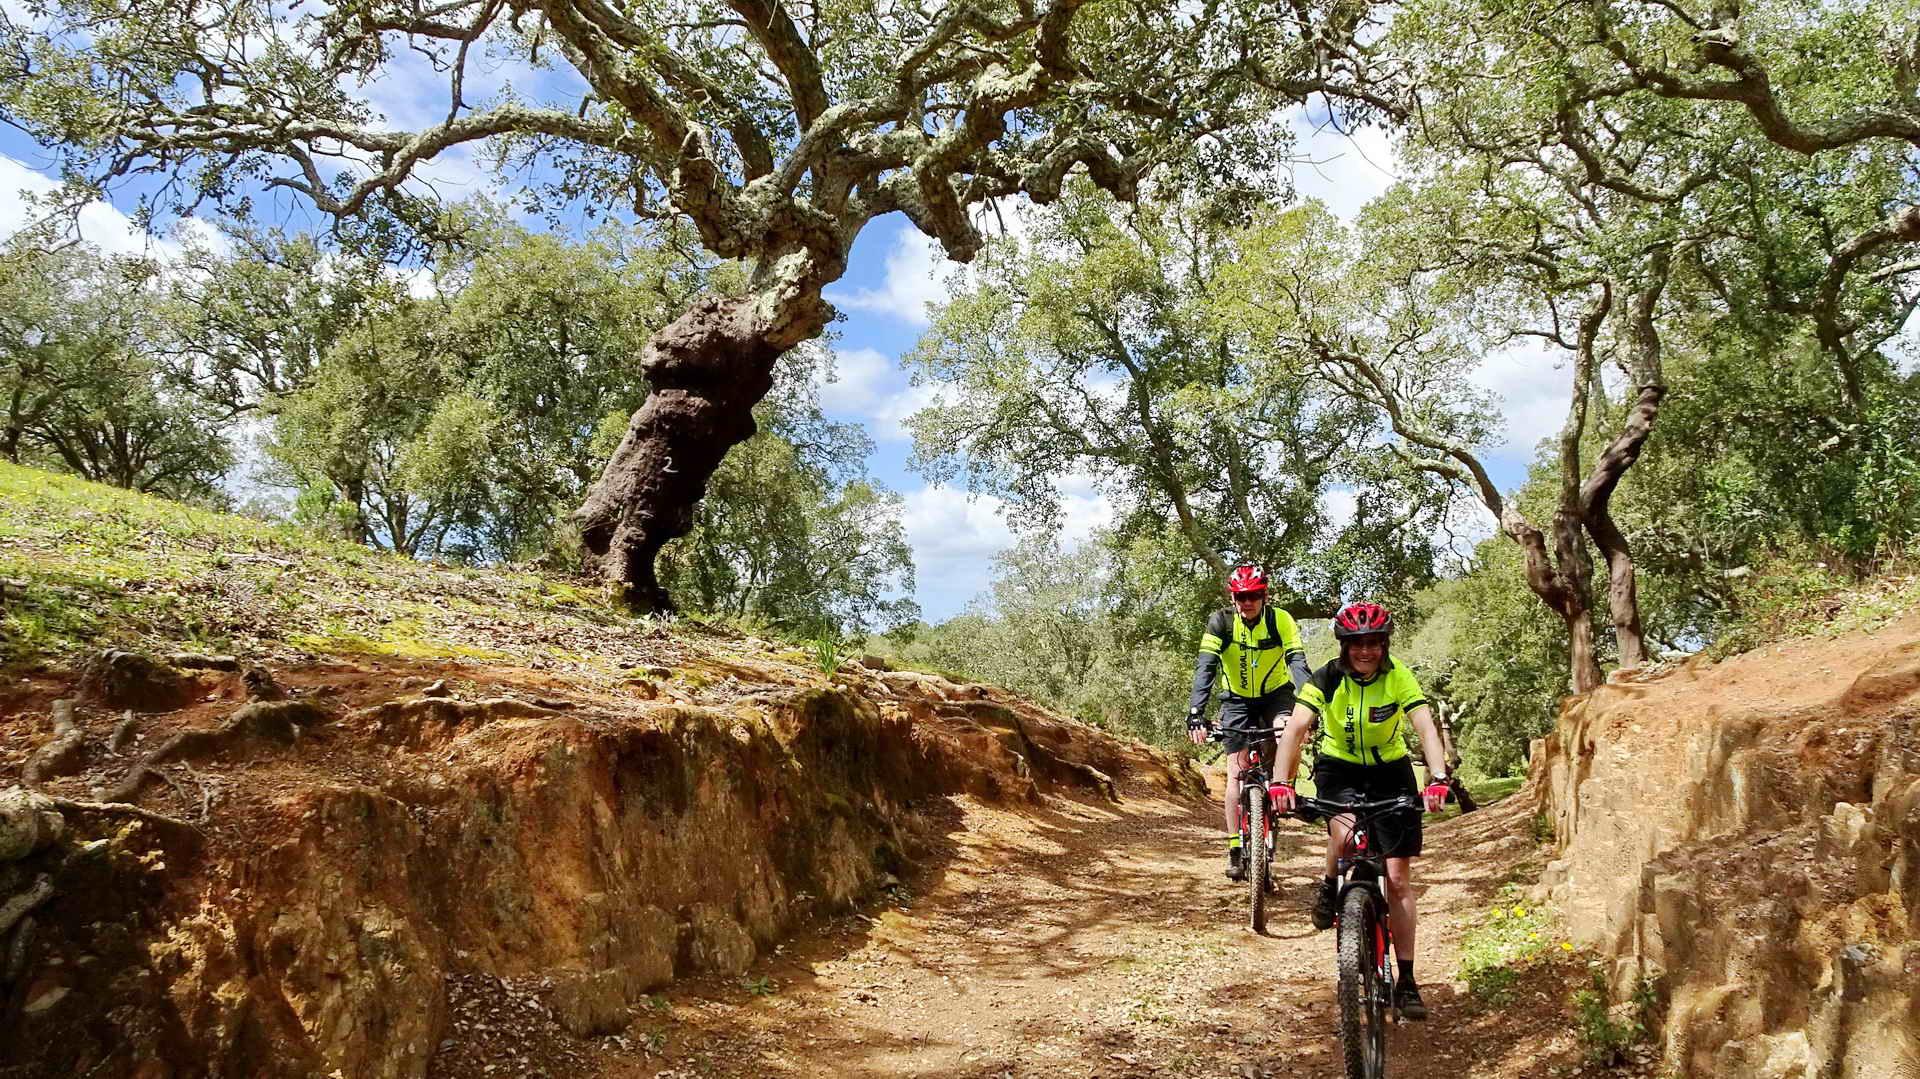 Mountain Biking in Portugal Alentejo Cork Tree Trails